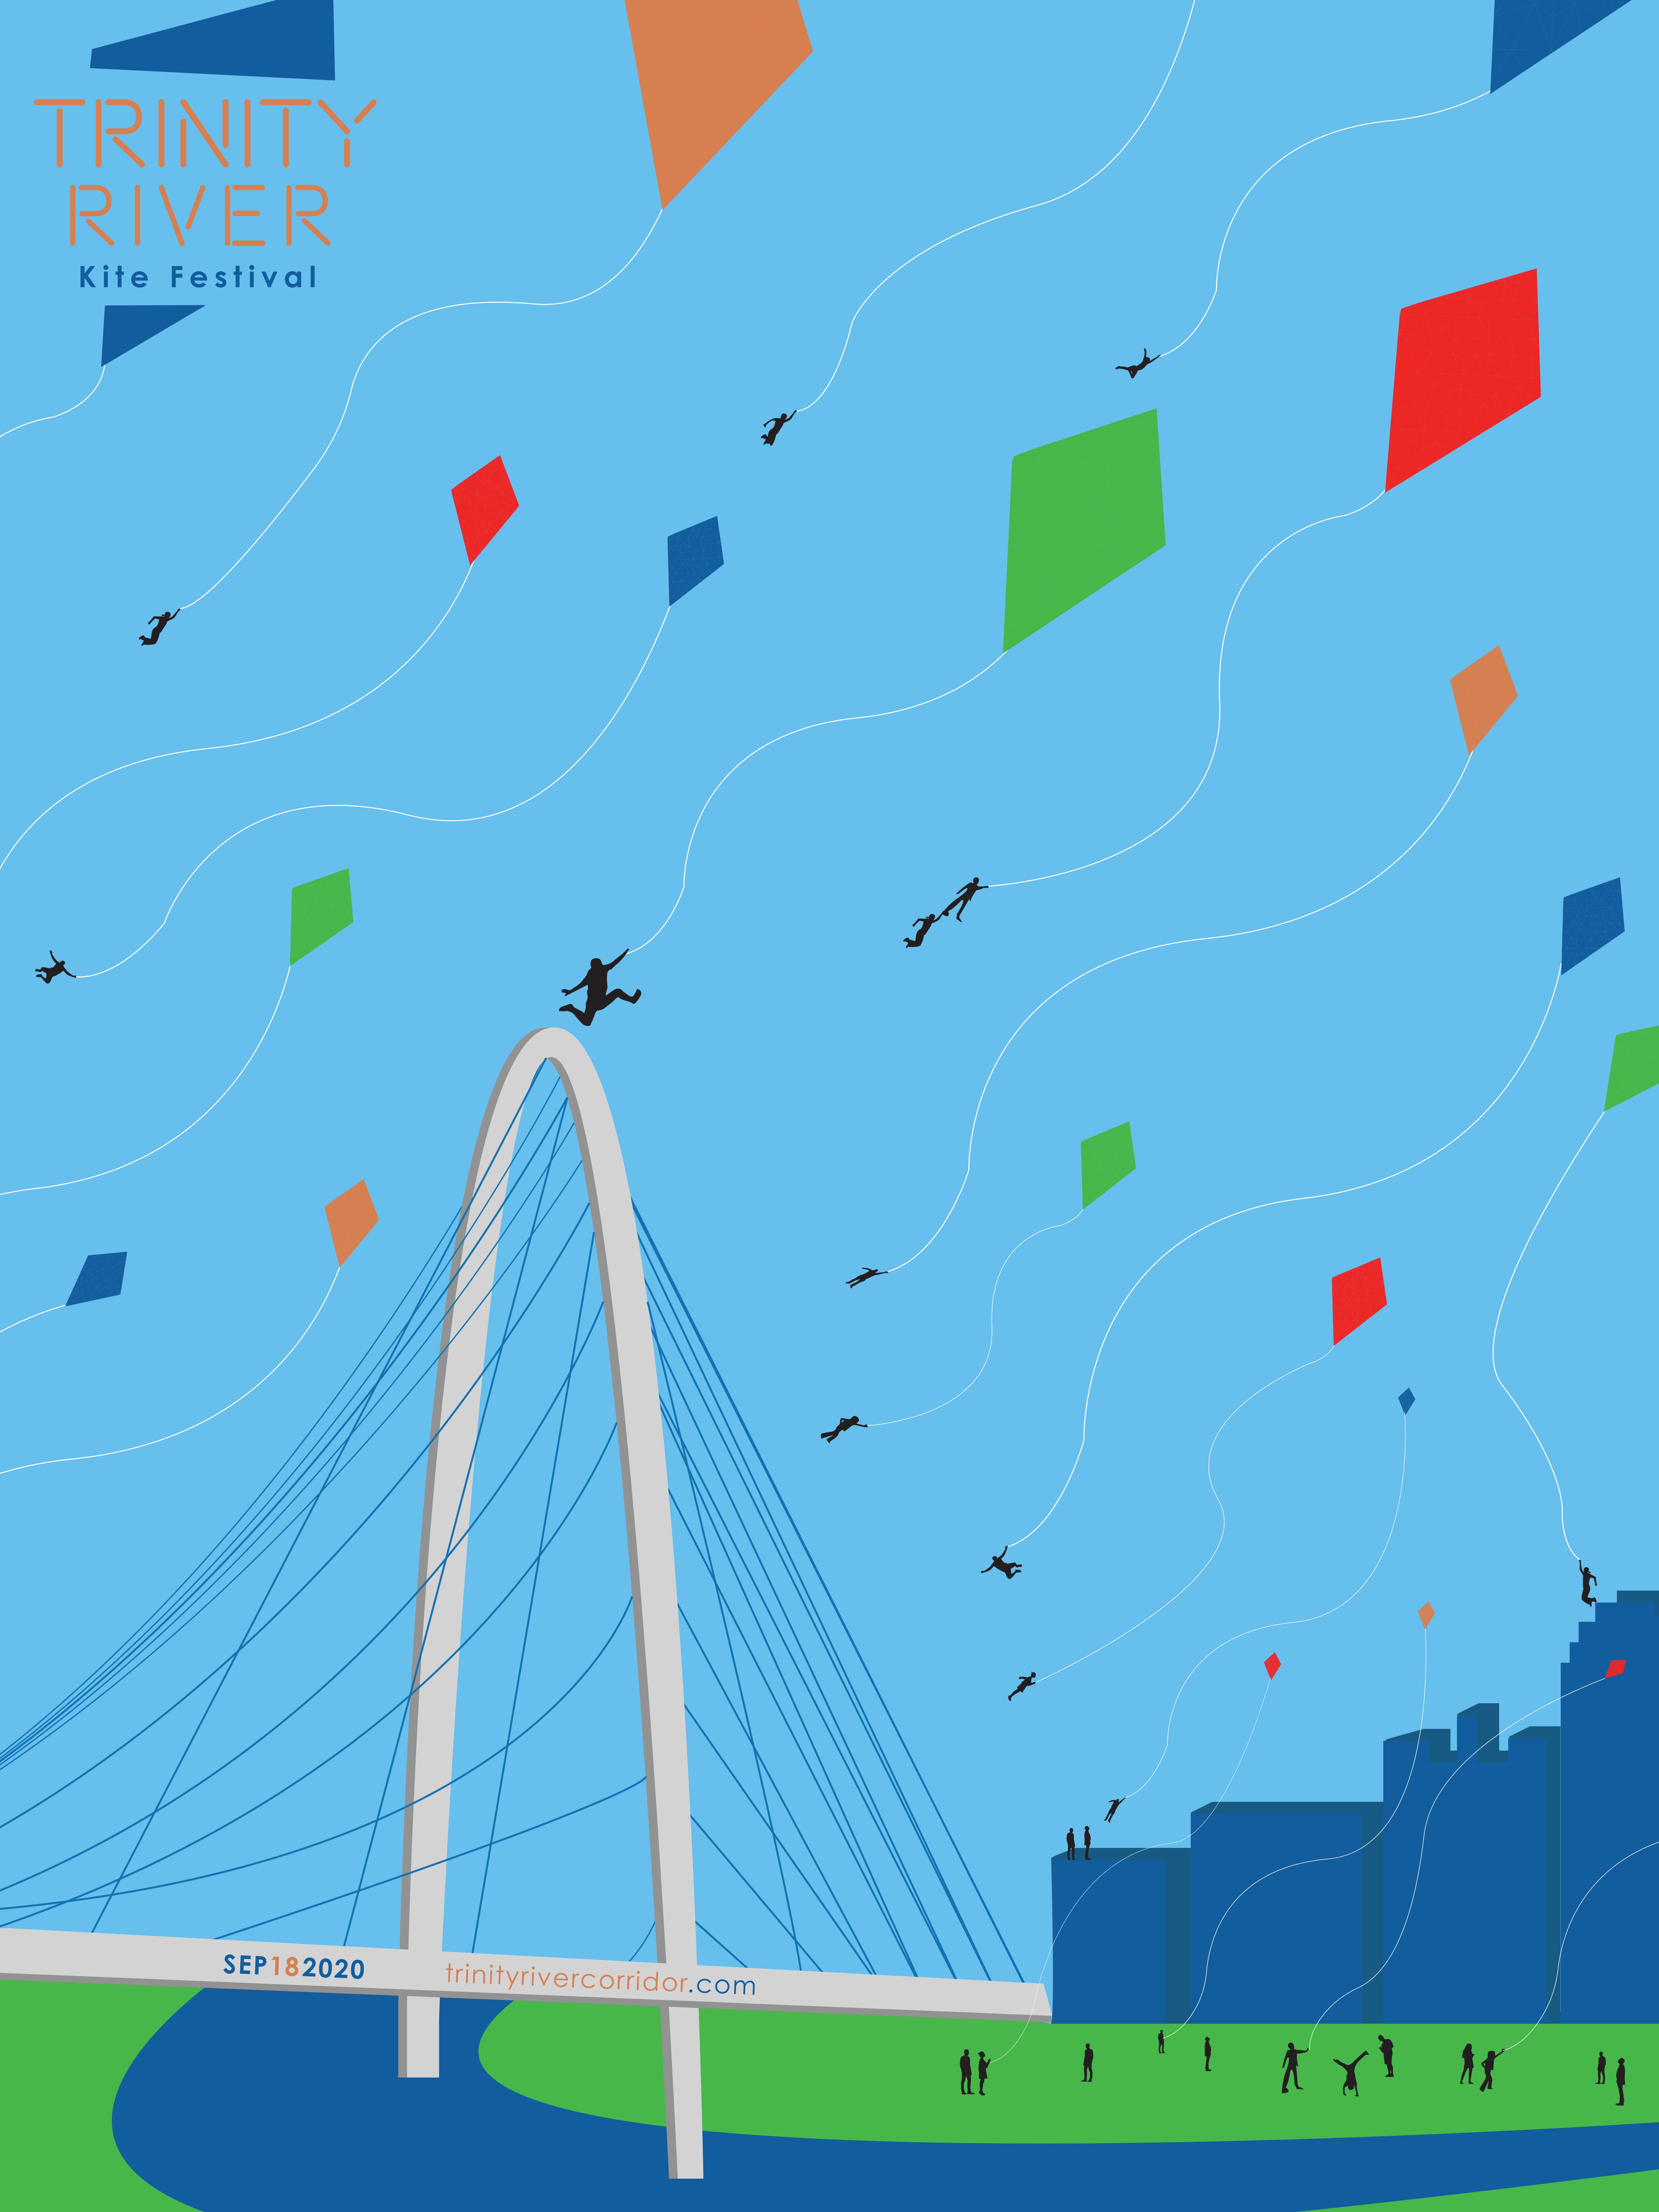 Fly High - Kite Fest